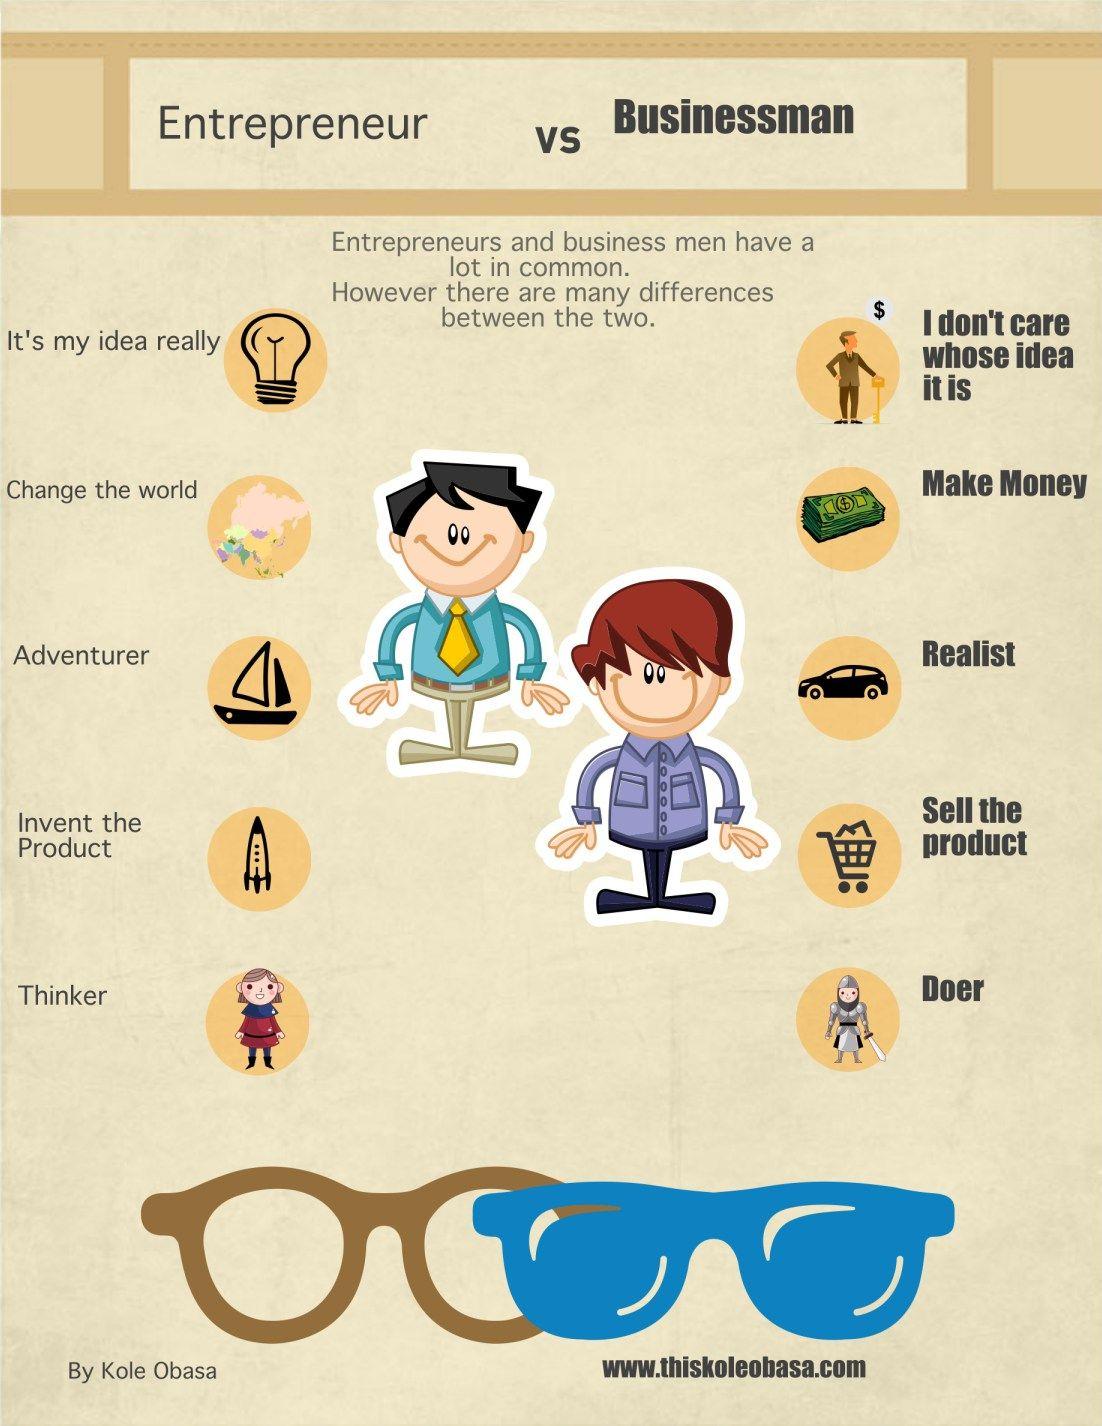 Entrepreneurship vs Business